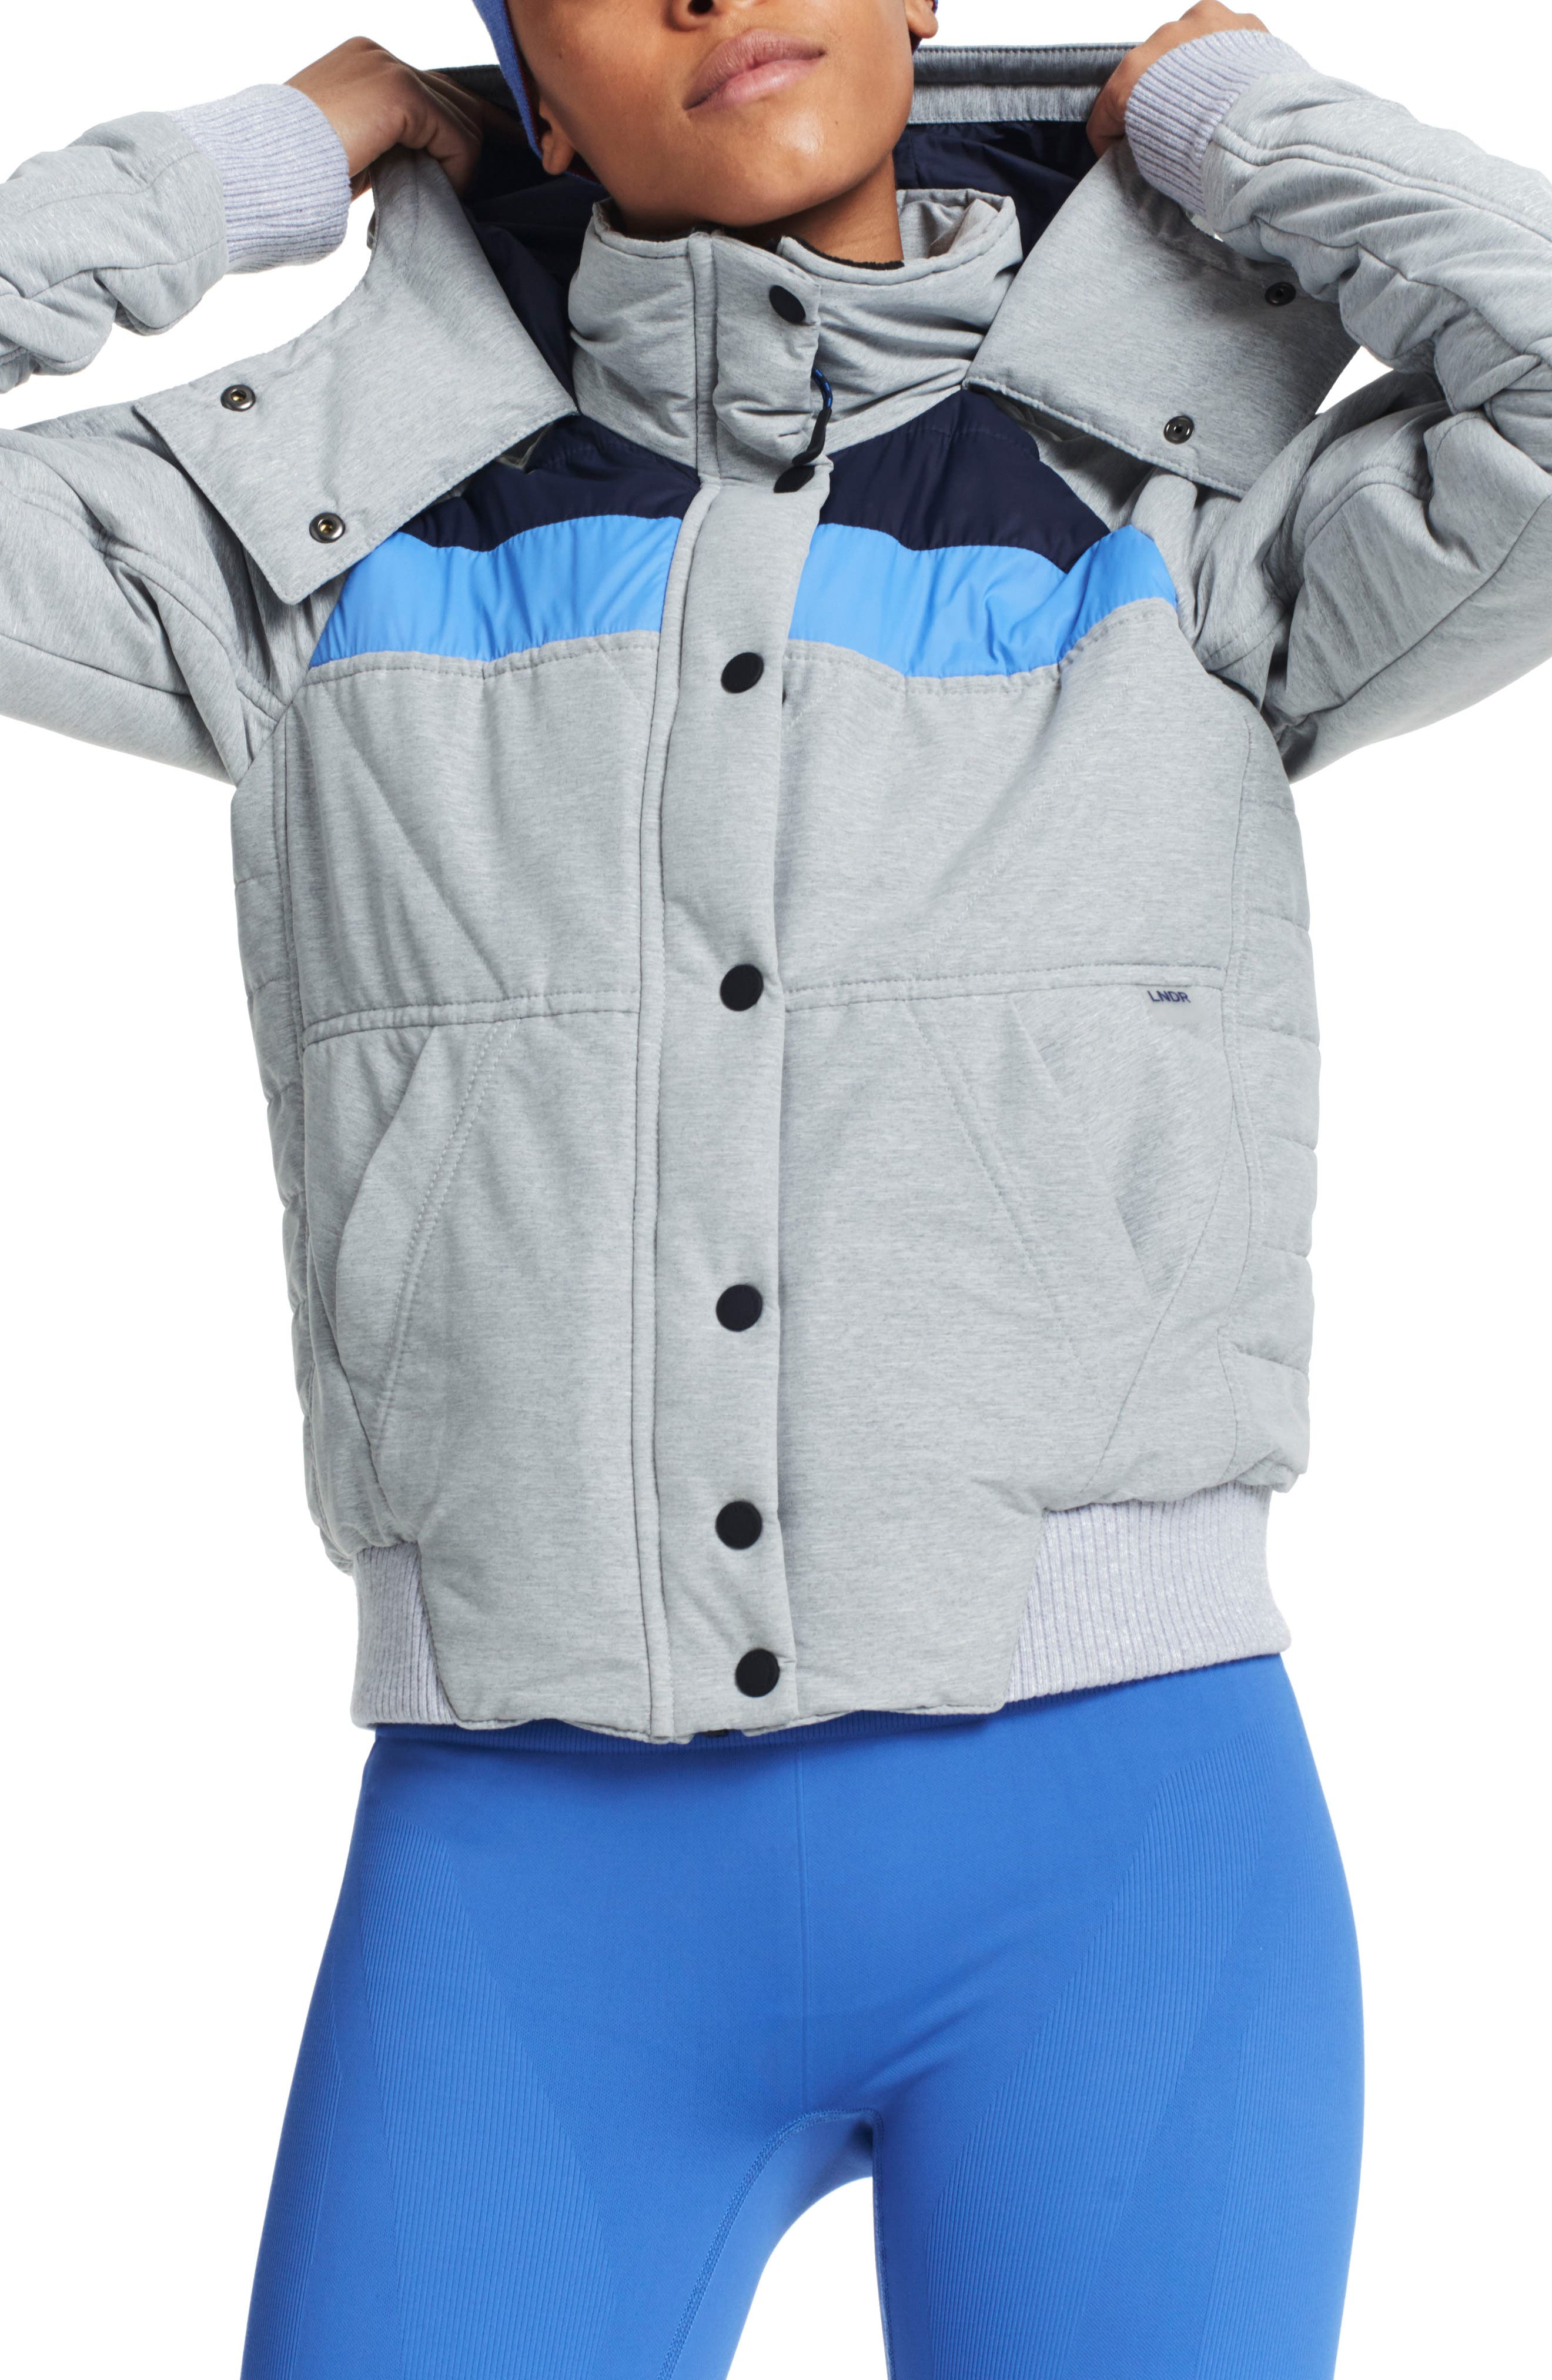 Winterbreaker Puffer Jacket,                             Main thumbnail 1, color,                             020